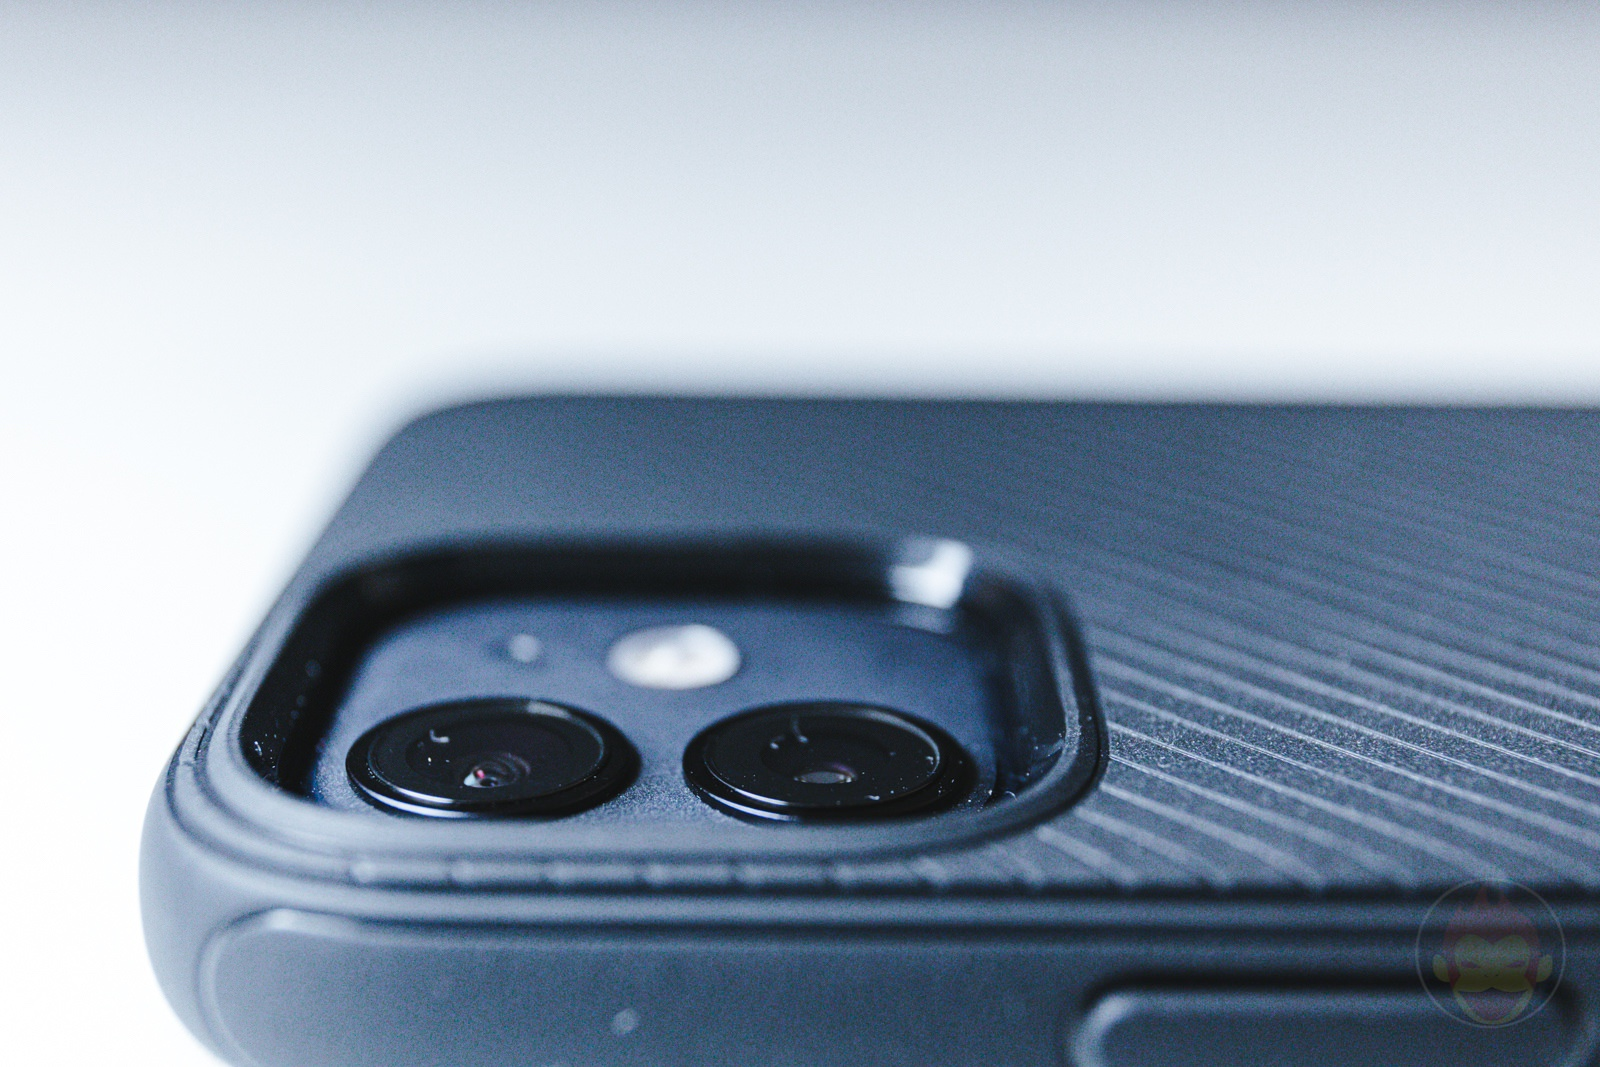 Spigen Mag Armour iPhone12 Case Review 06